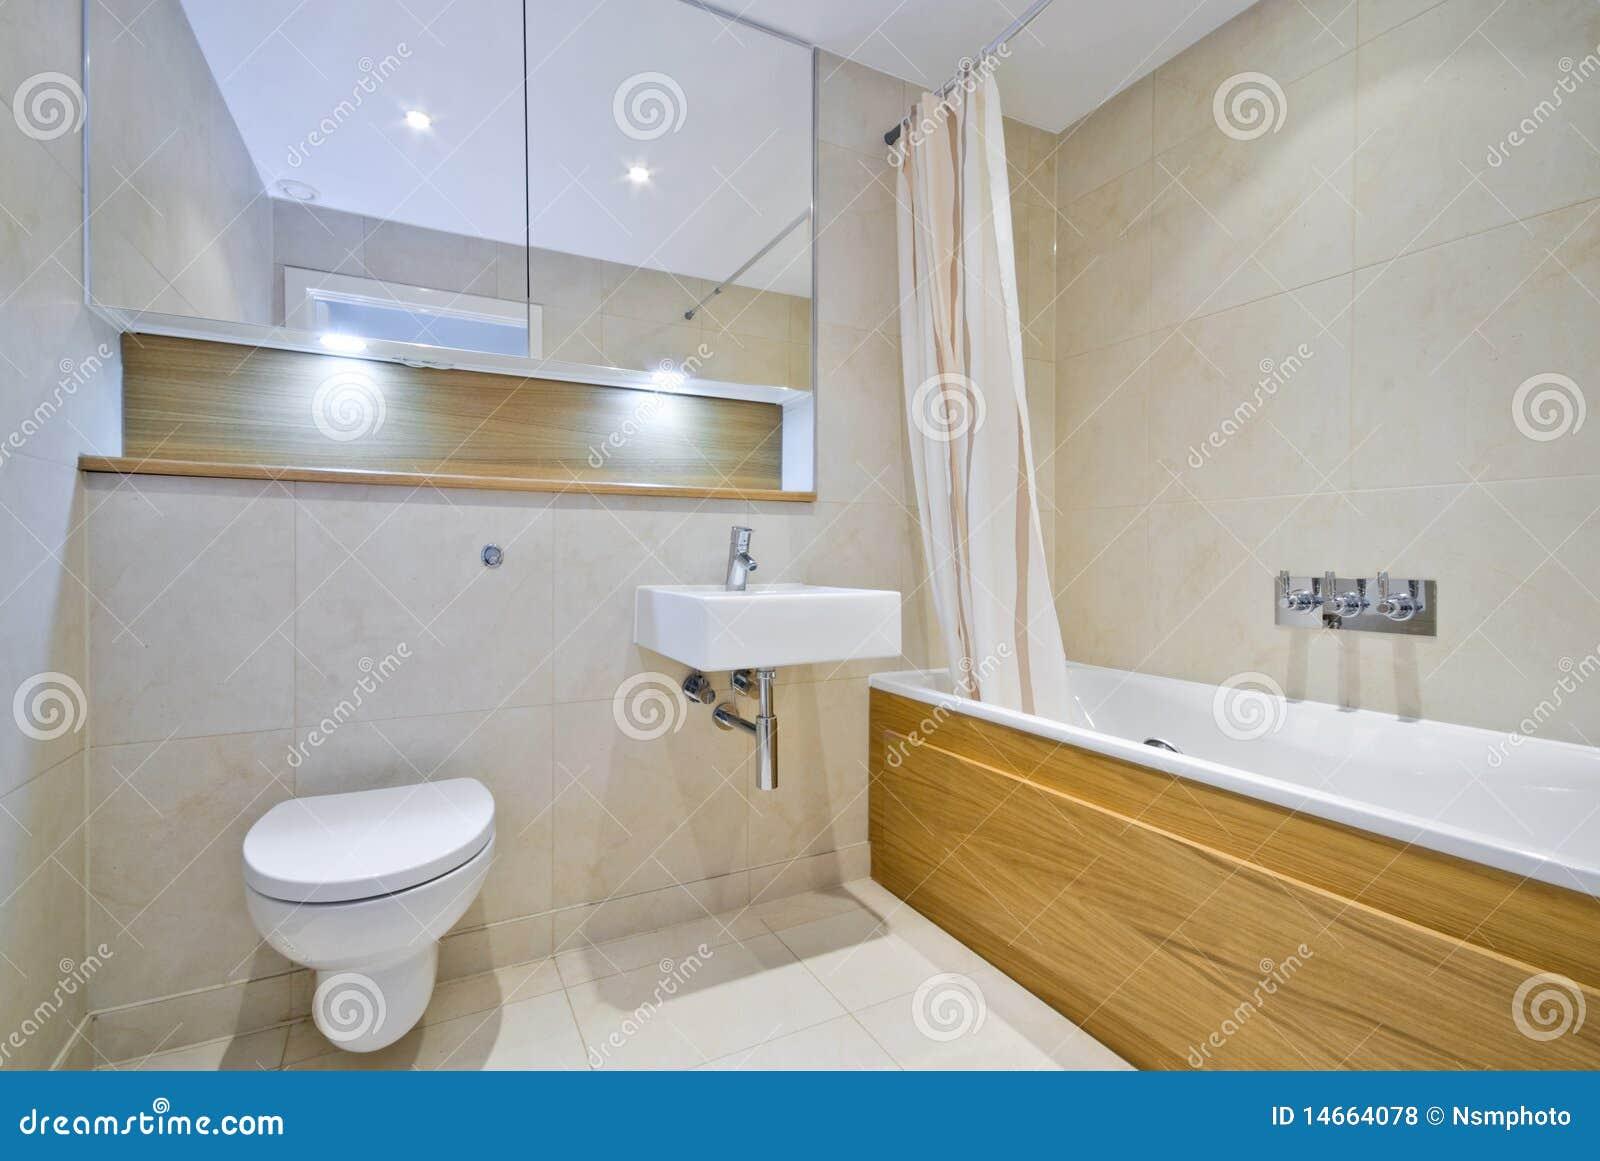 Modernes Badezimmer Mit Großer Badwanne In Der Beige Stockfoto ...